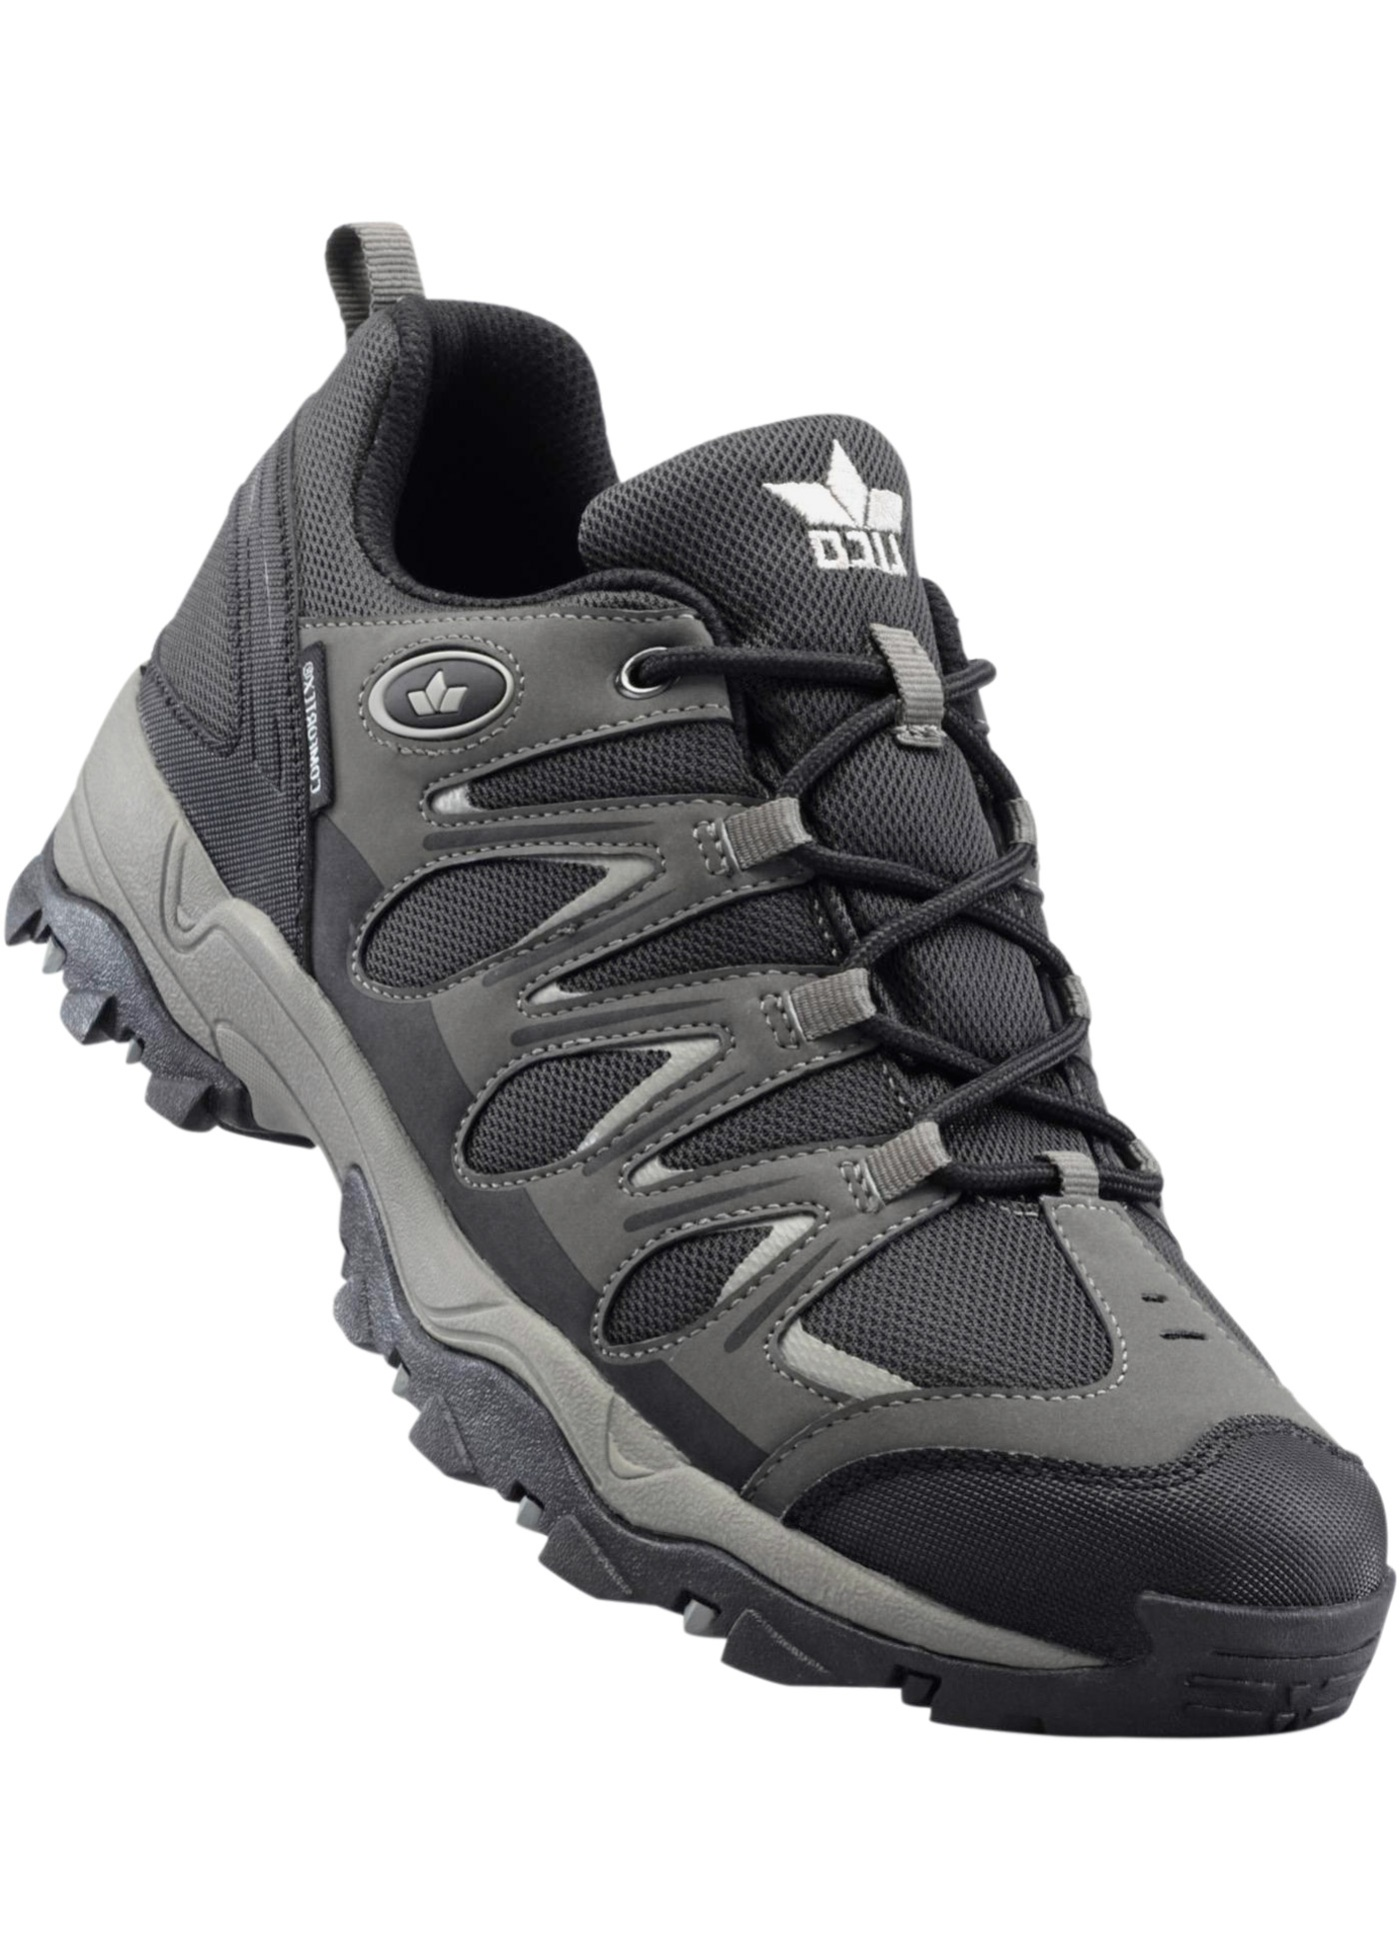 Chaussures de randonnée de Lico gris chaussures & accessoires - bonprix